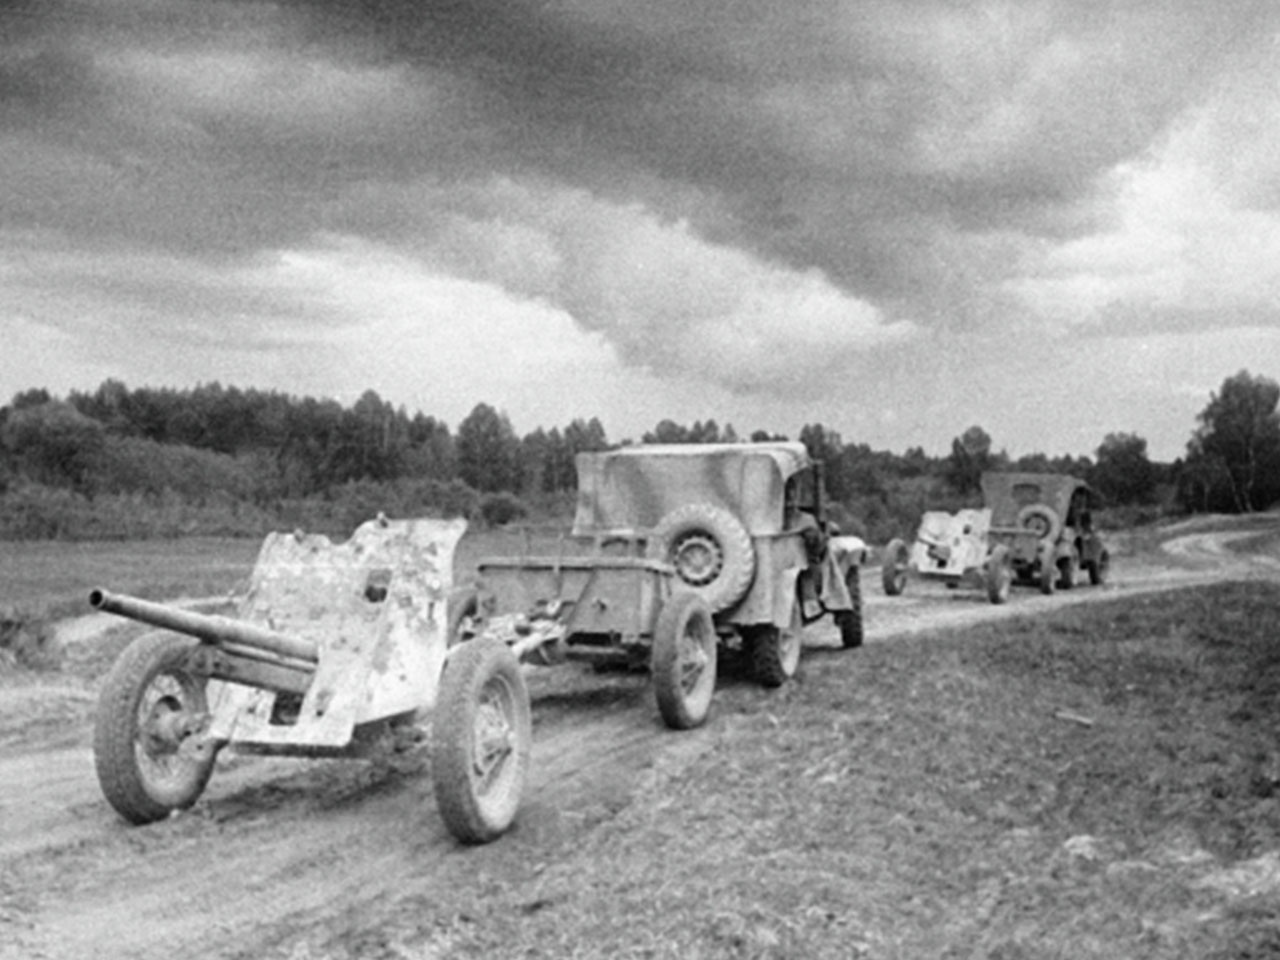 Машины ГАЗ-67 тянут по дороге артиллерийские орудия.